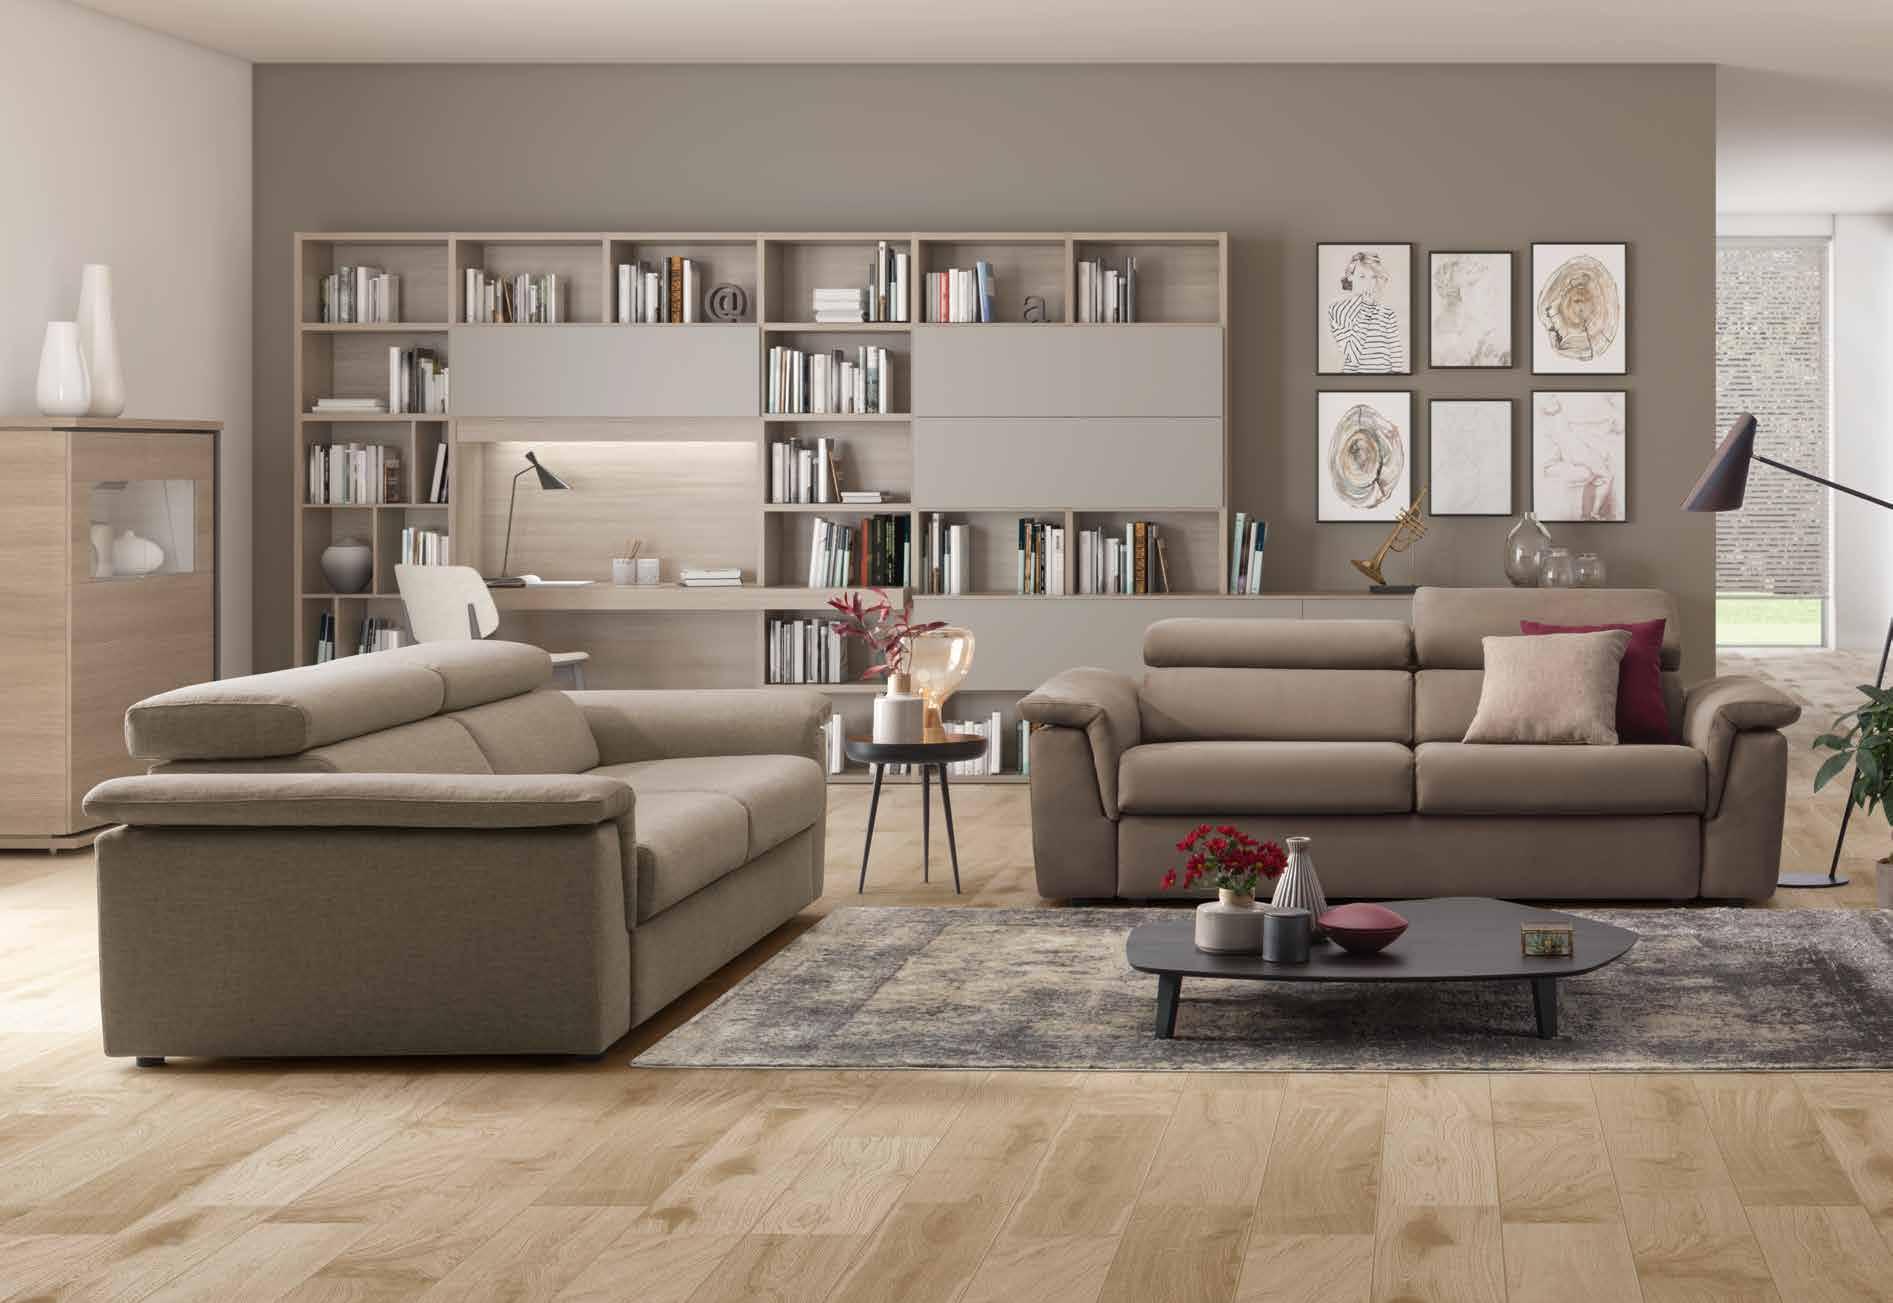 come decorare il soggiorno le pareti del living non sono mai nude: Come Arredare Un Soggiorno Moderno